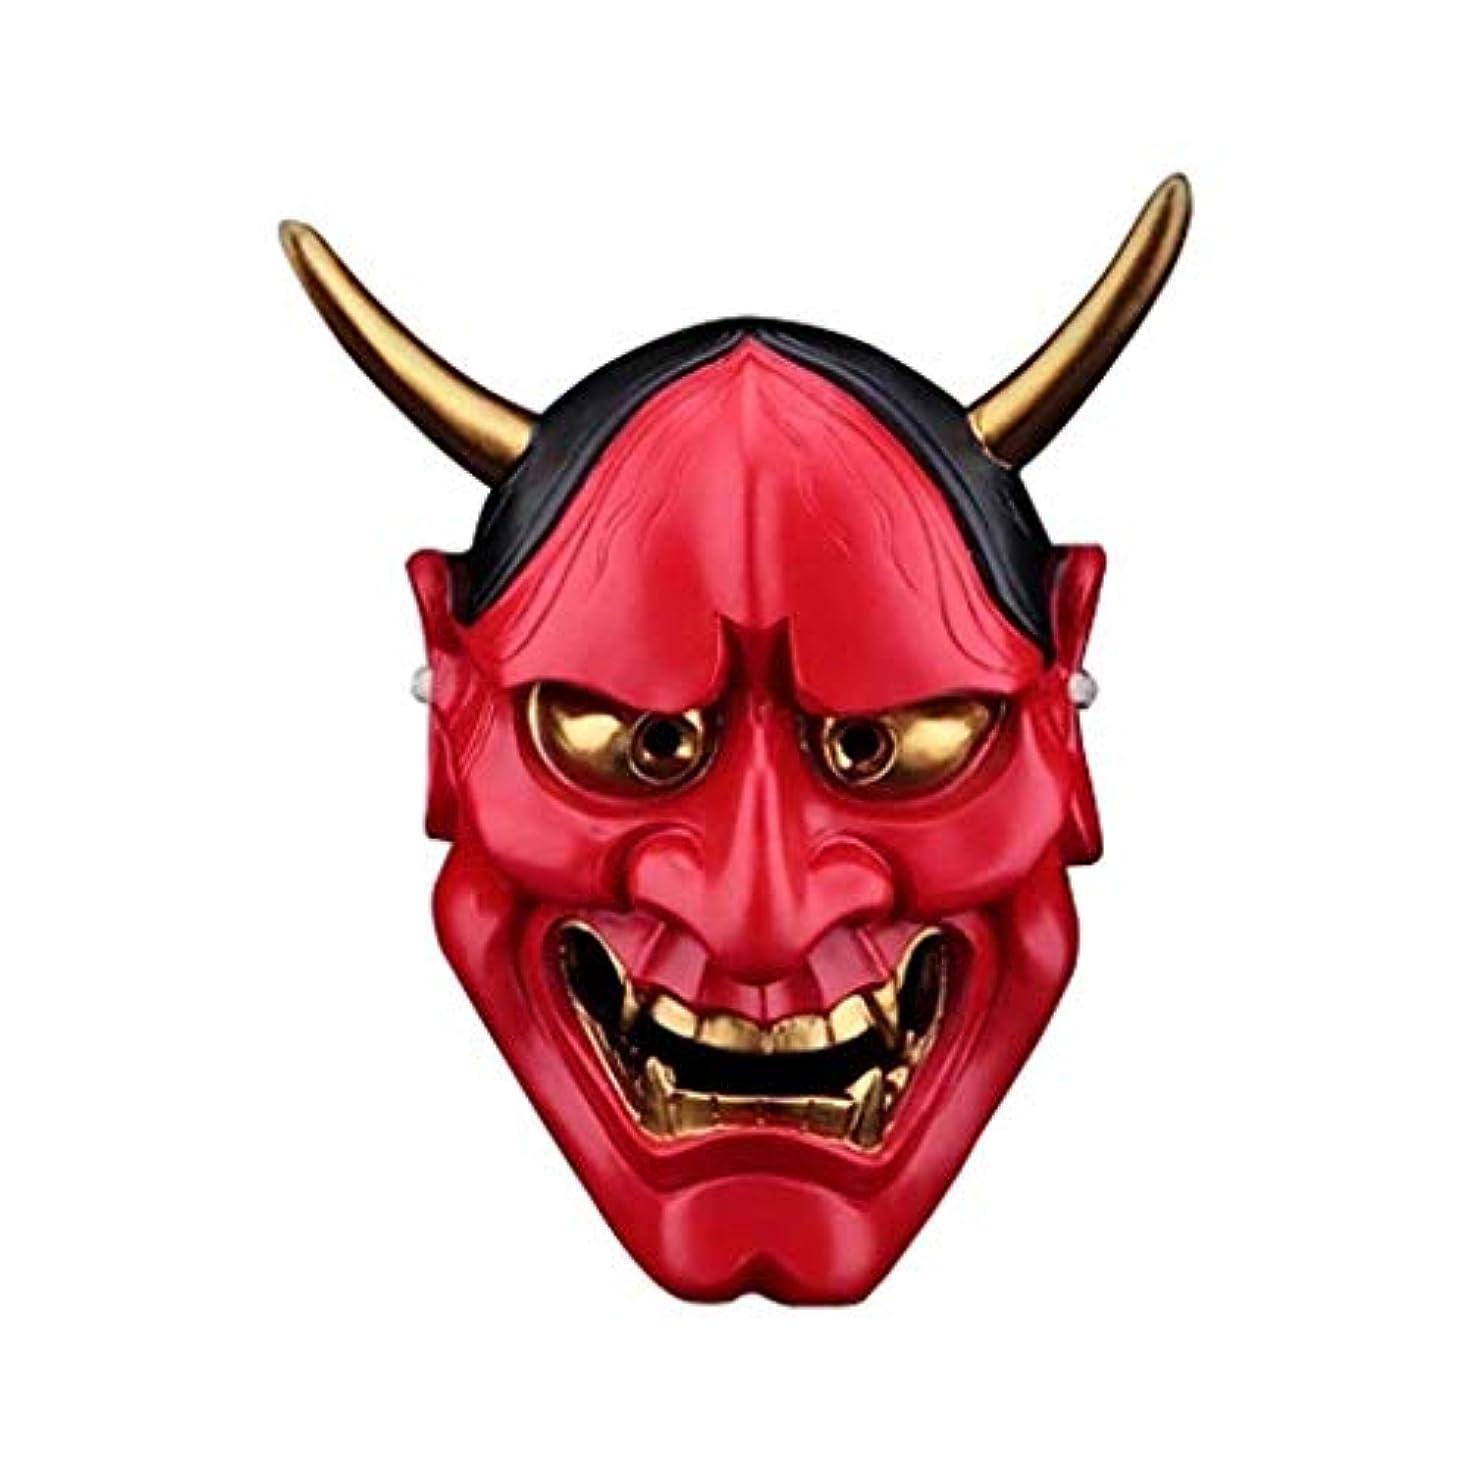 フェードアウト合法ランデブーハロウィンホラーマスク、成人用樹脂マスクデコレーション (Color : WHITE)